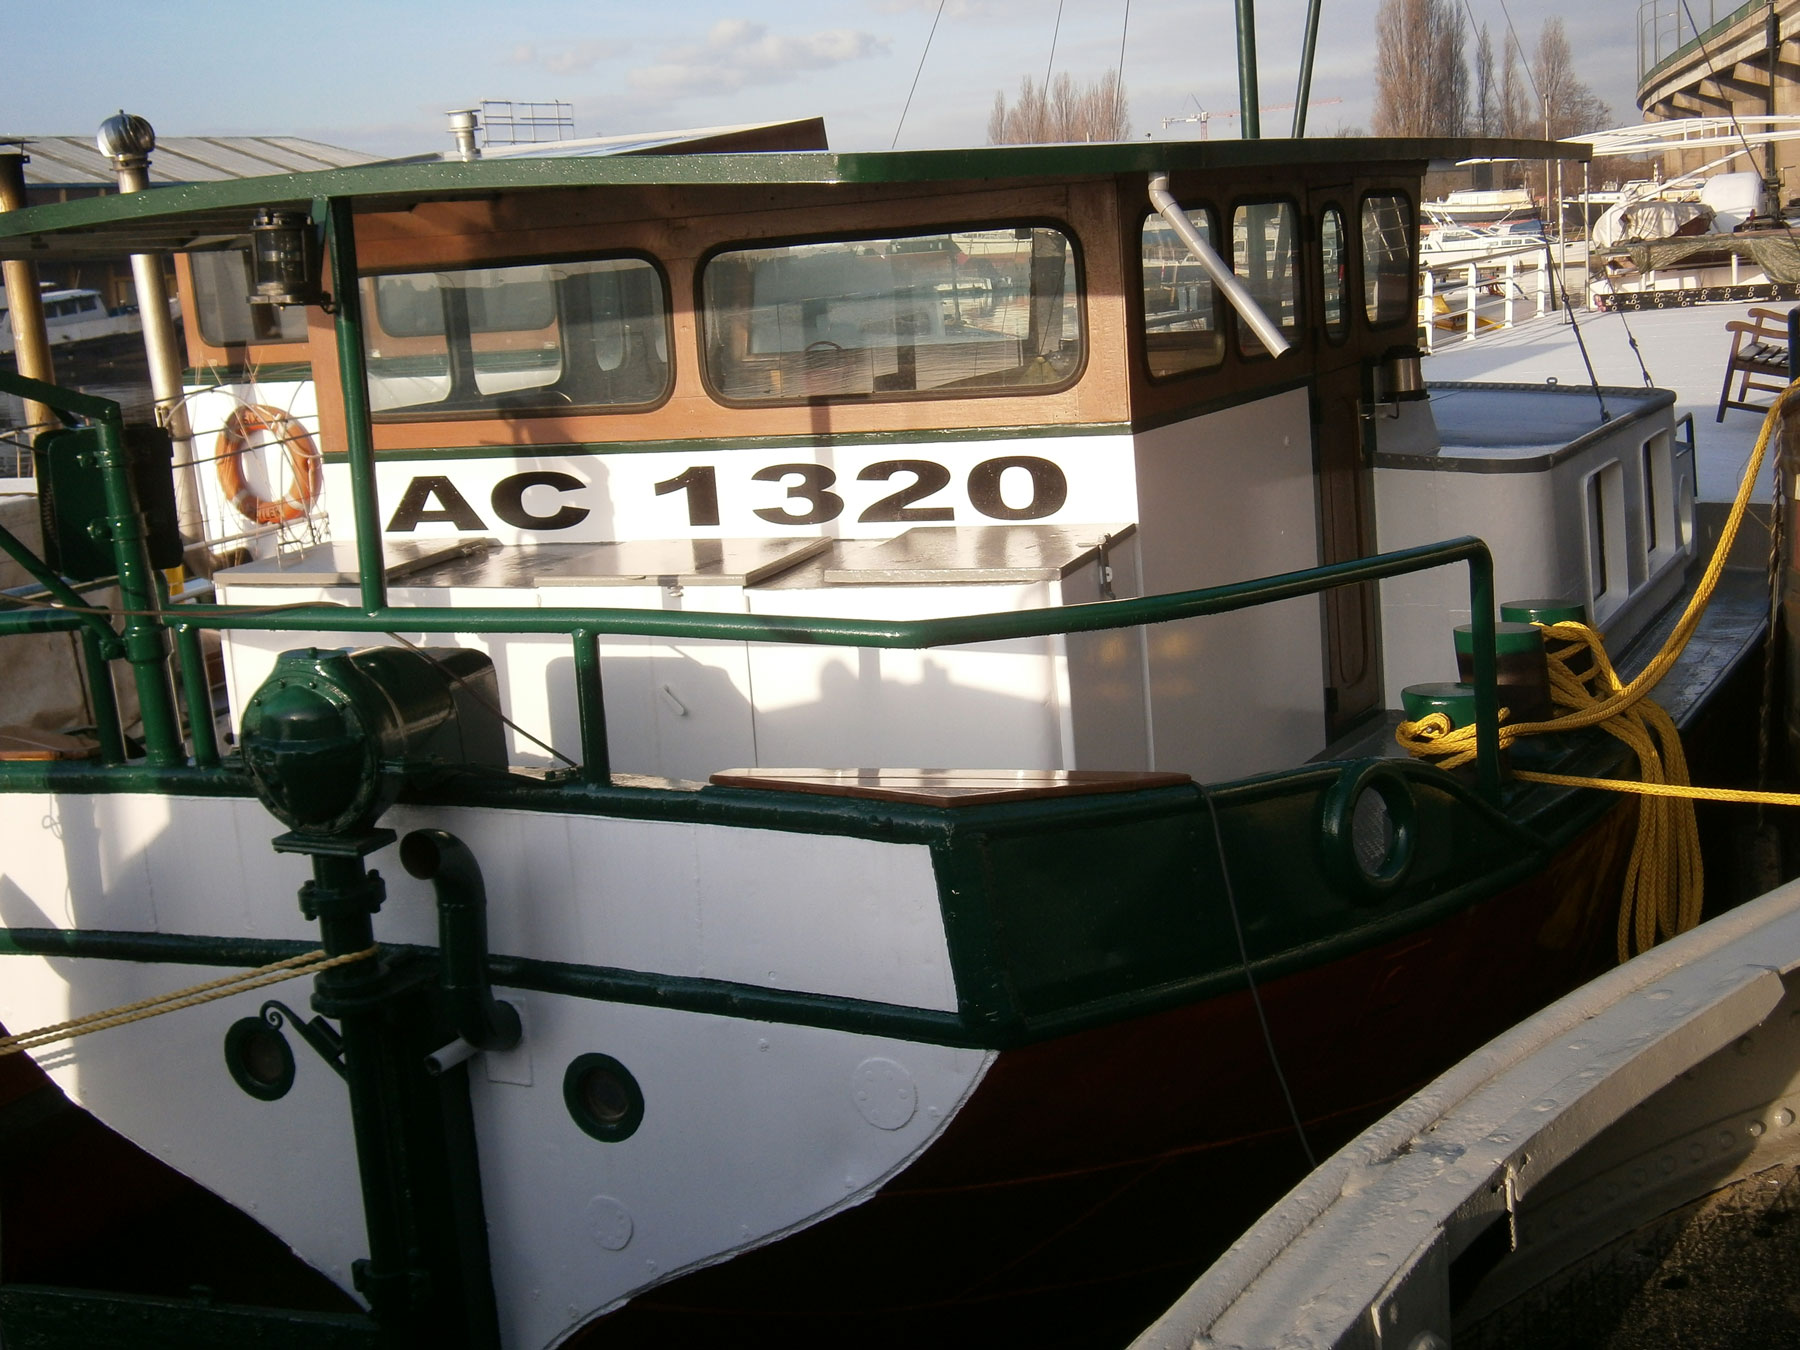 britsschipac1320